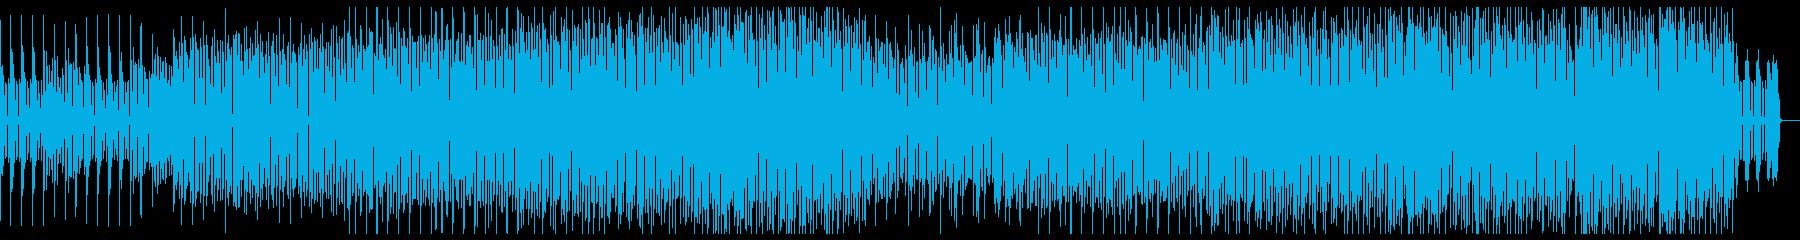 不気味でコミカルなテクノの再生済みの波形